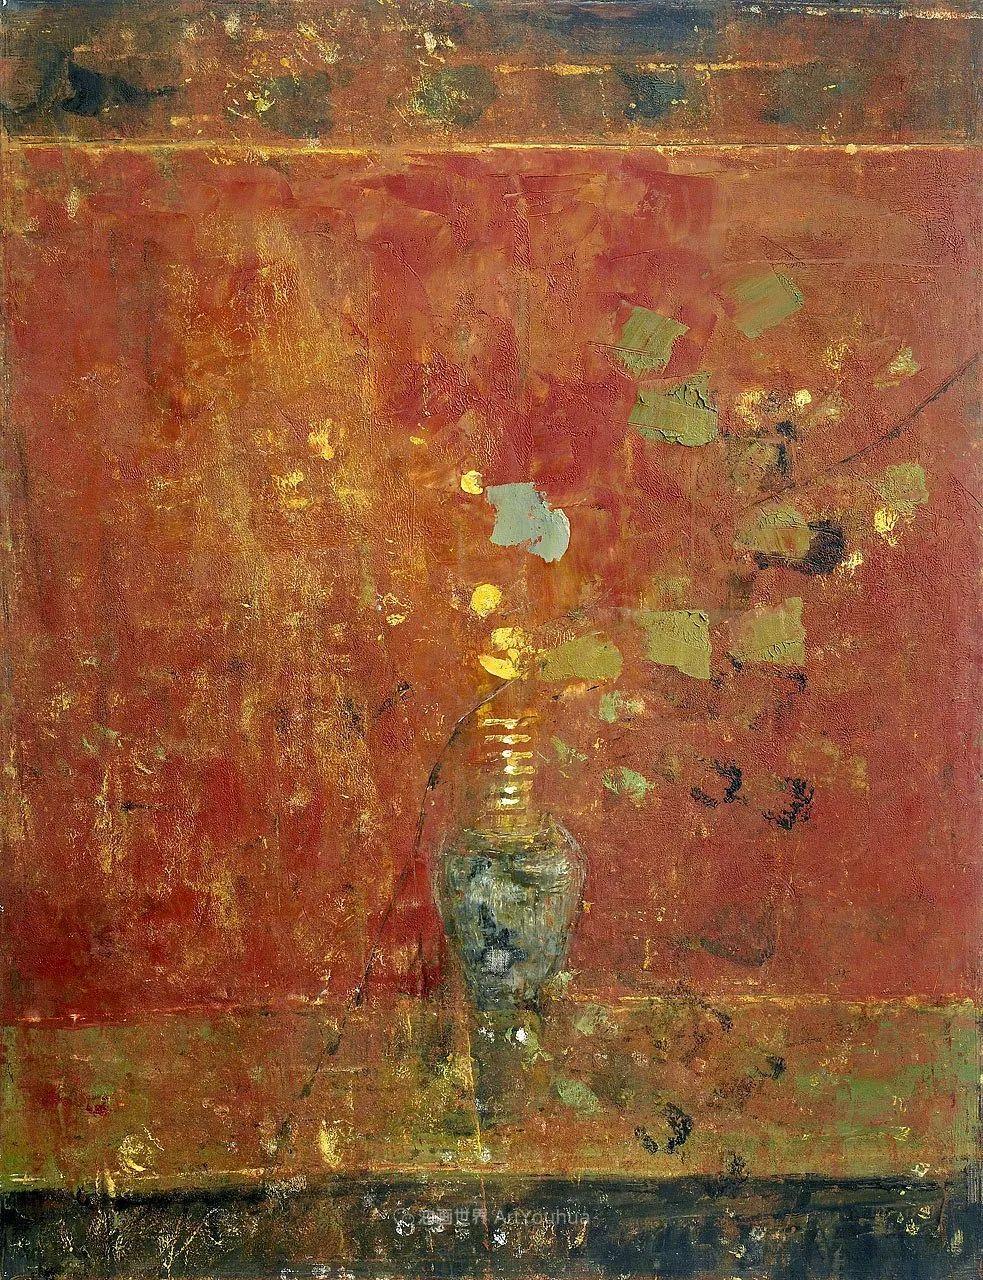 马耳他女画家 Goxwa Borg 戈克斯瓦·博格作品欣赏: 古典又现代!插图1